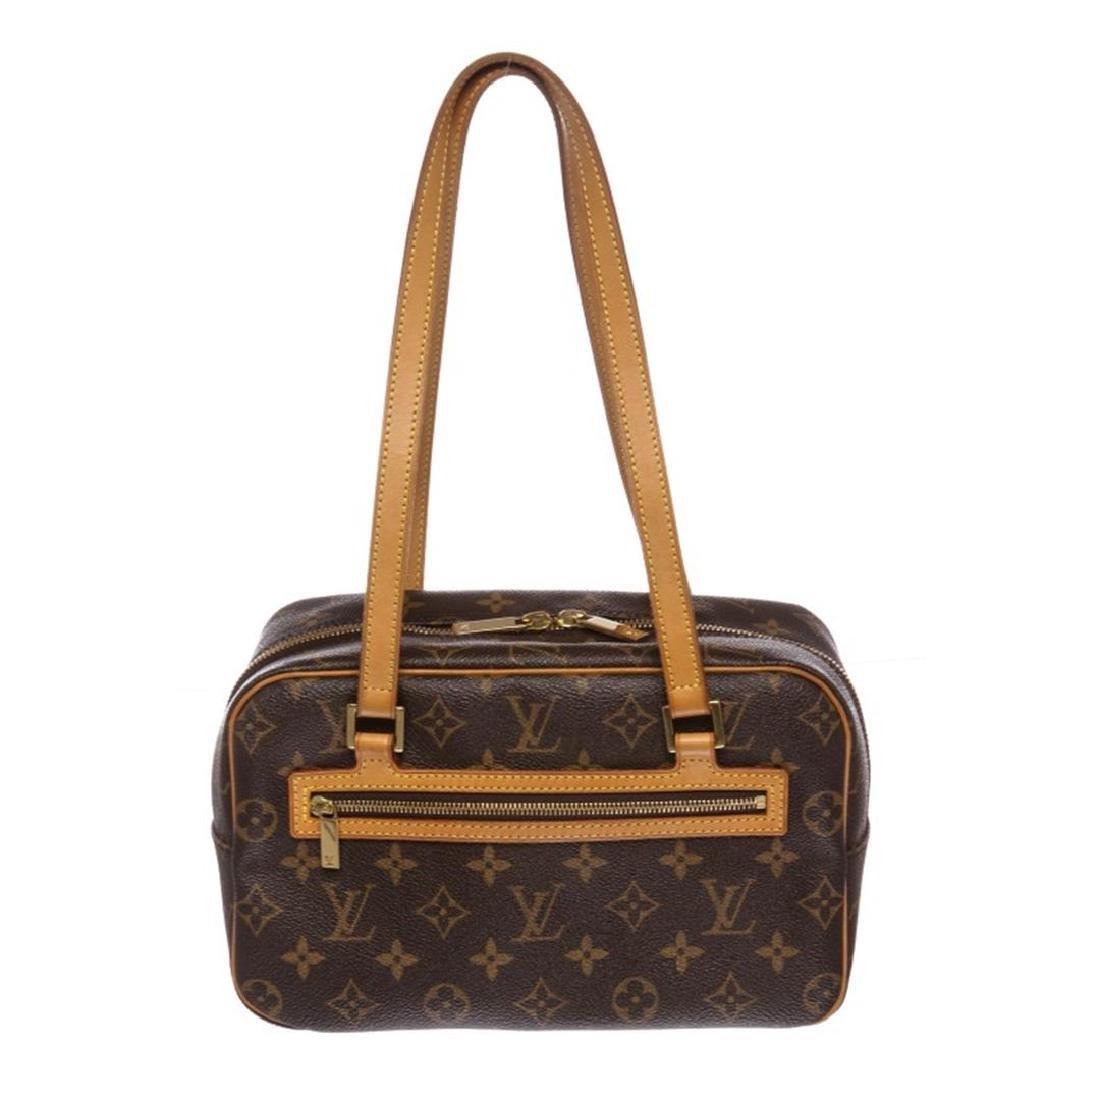 Louis Vuitton Monogram Canvas Leather Cite MM Shoulder